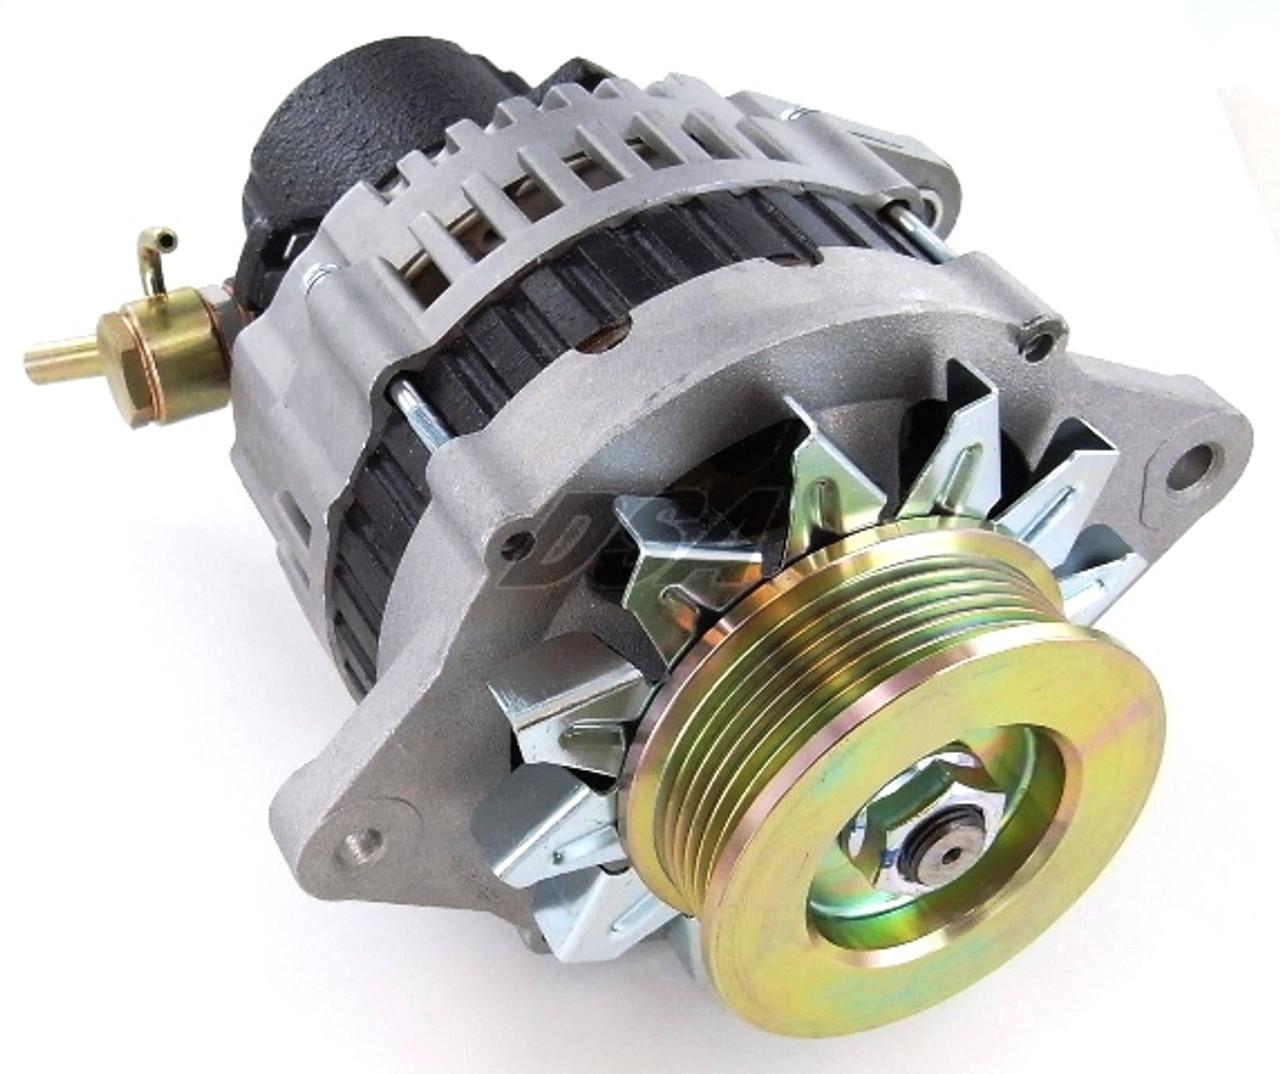 new alternator isuzu npr series 5 7l 350gm 8970370640